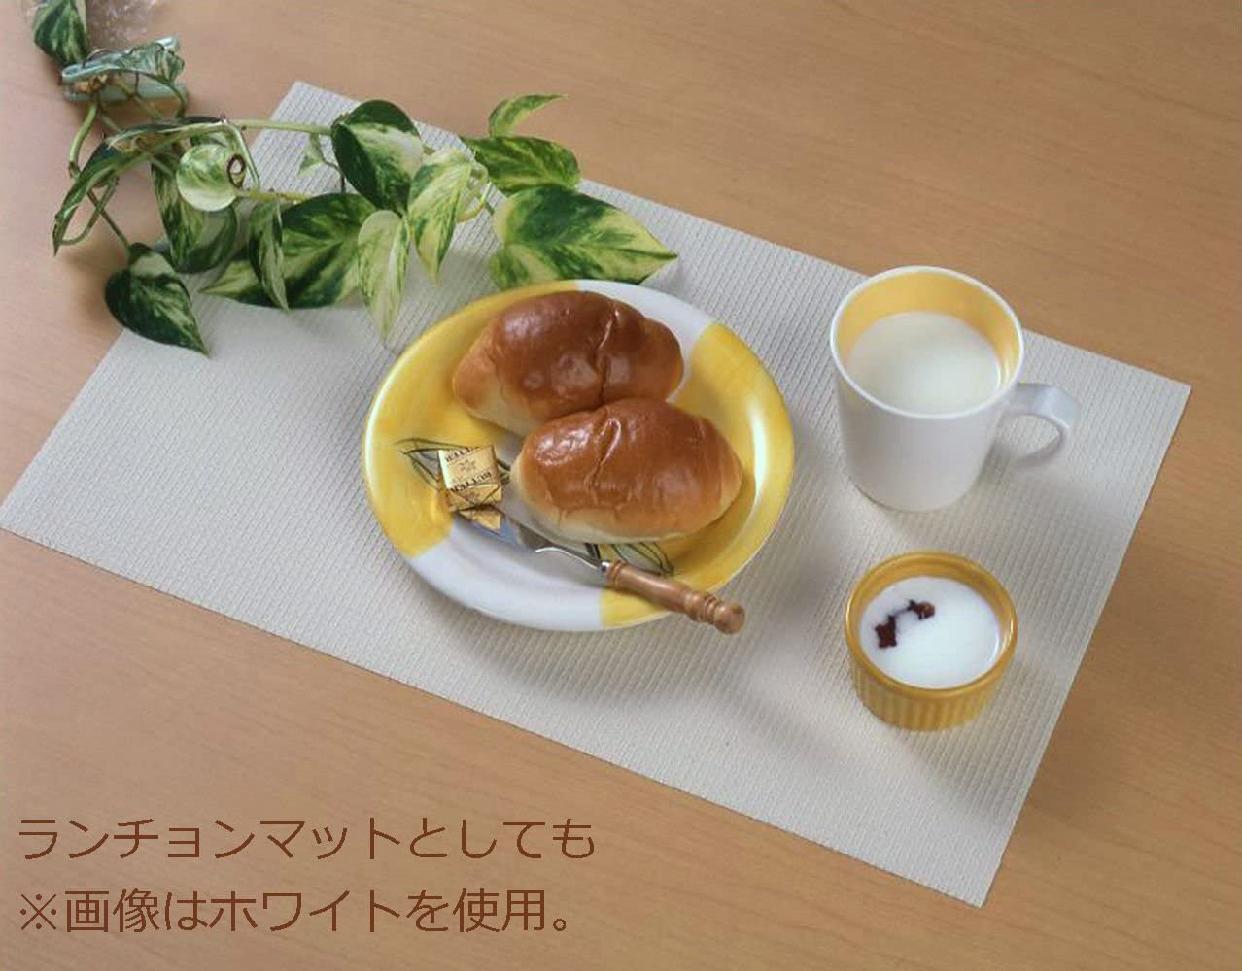 東和産業(TOWA) CW 食器棚クロスの商品画像4